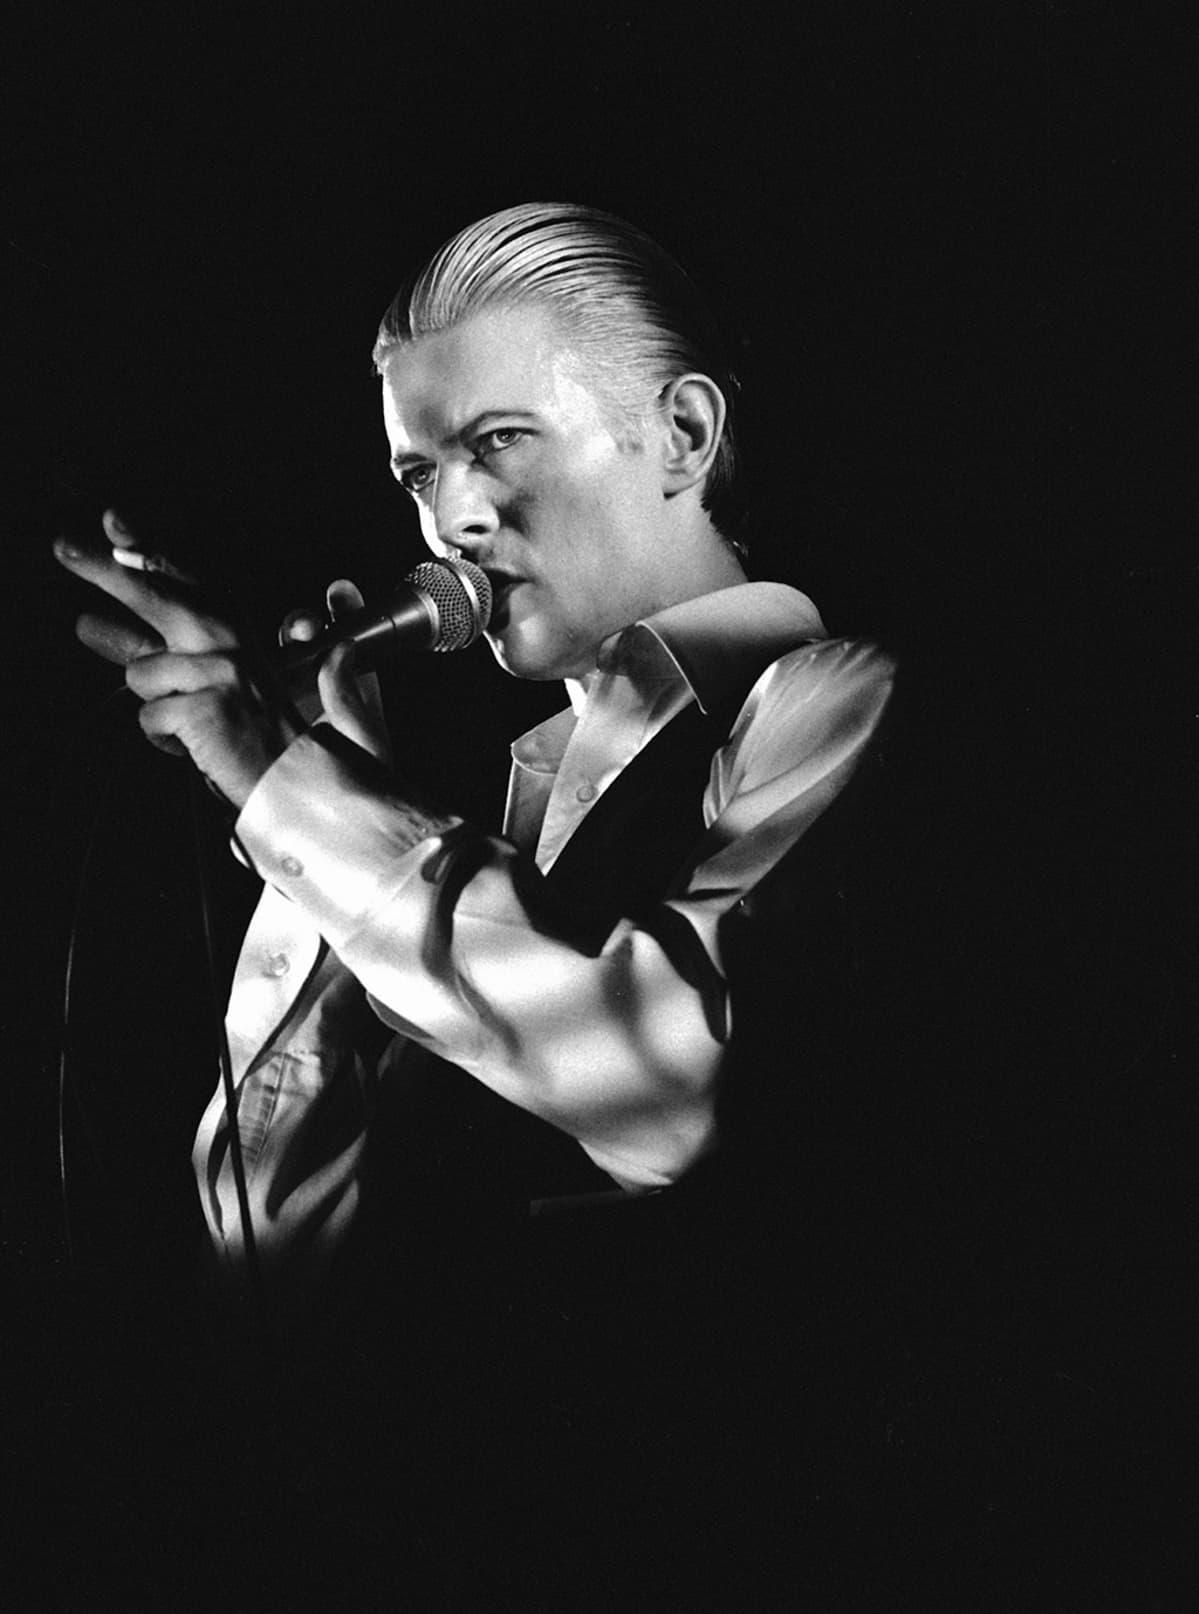 David Bowie Helsingissä vuonna 1976.